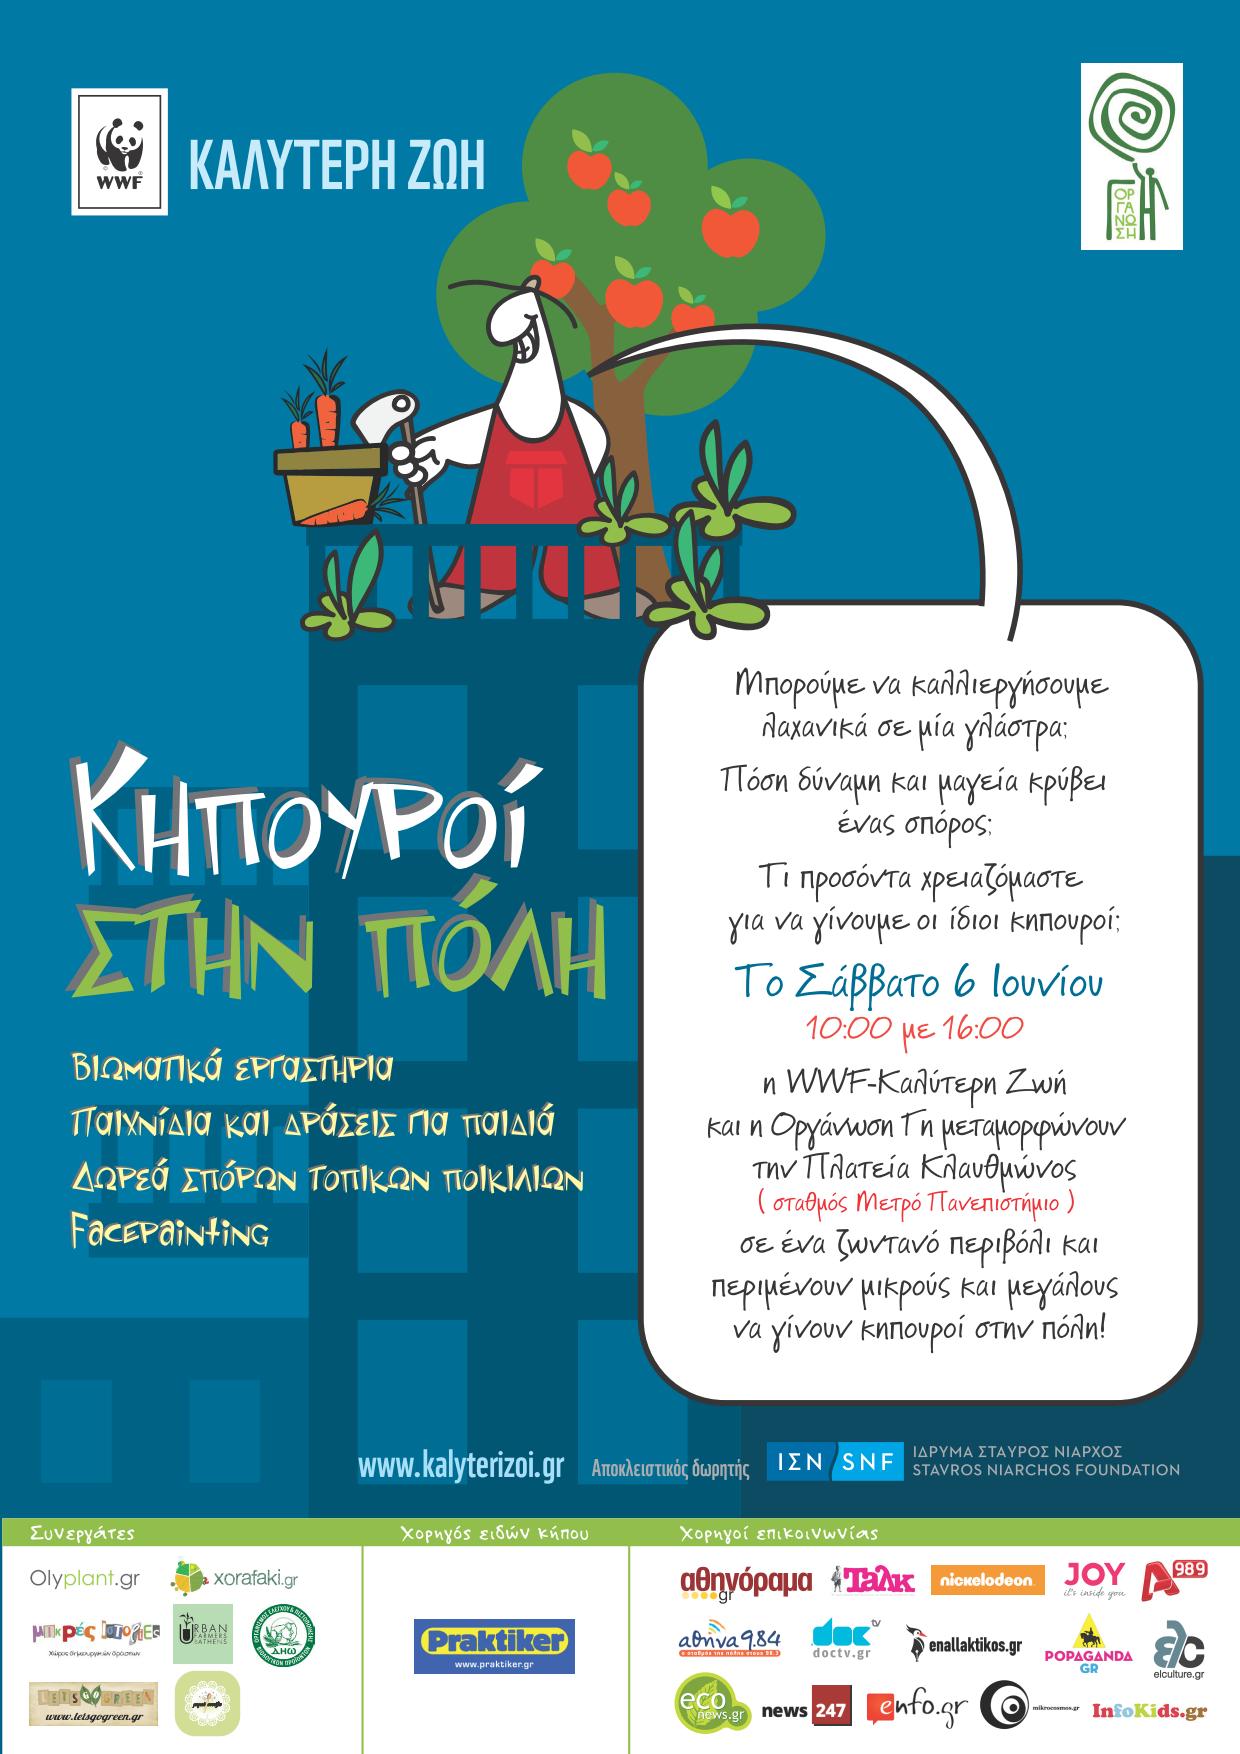 Κηπουροί στην πόλη! 6 Ιουνίου, Πλατεία Κλαυθμώνος